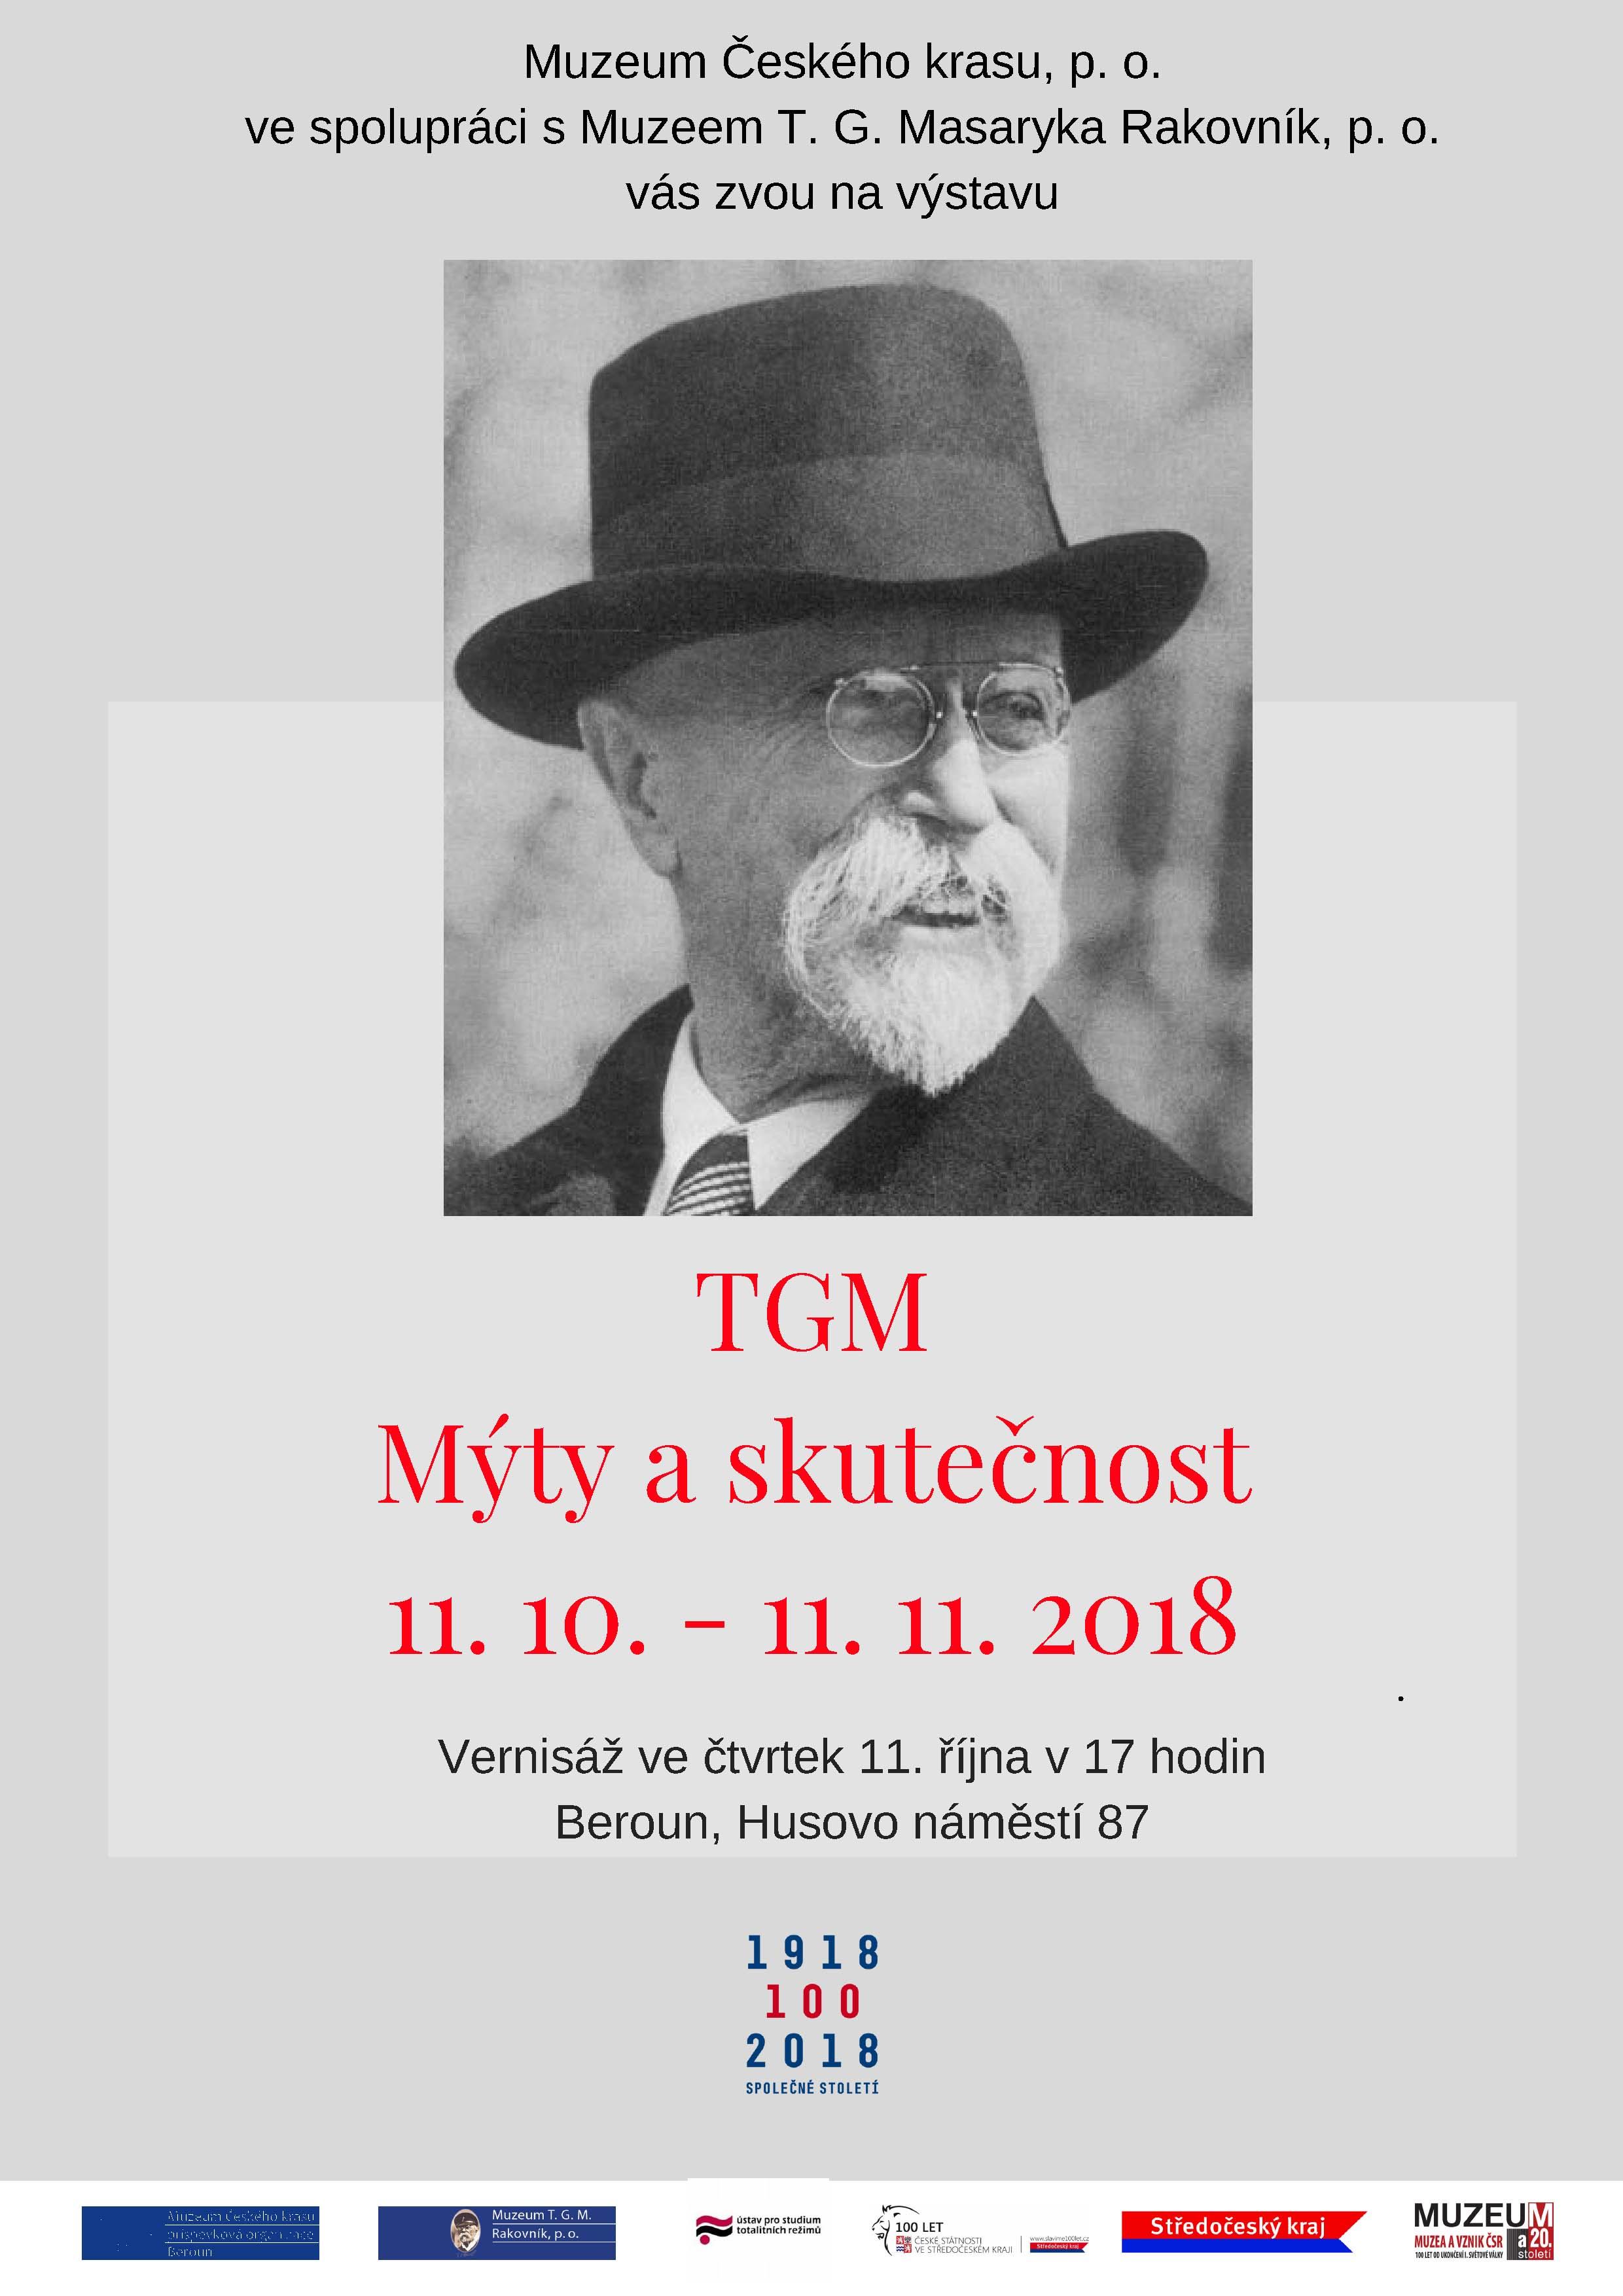 TGM Mýty a skutečnost